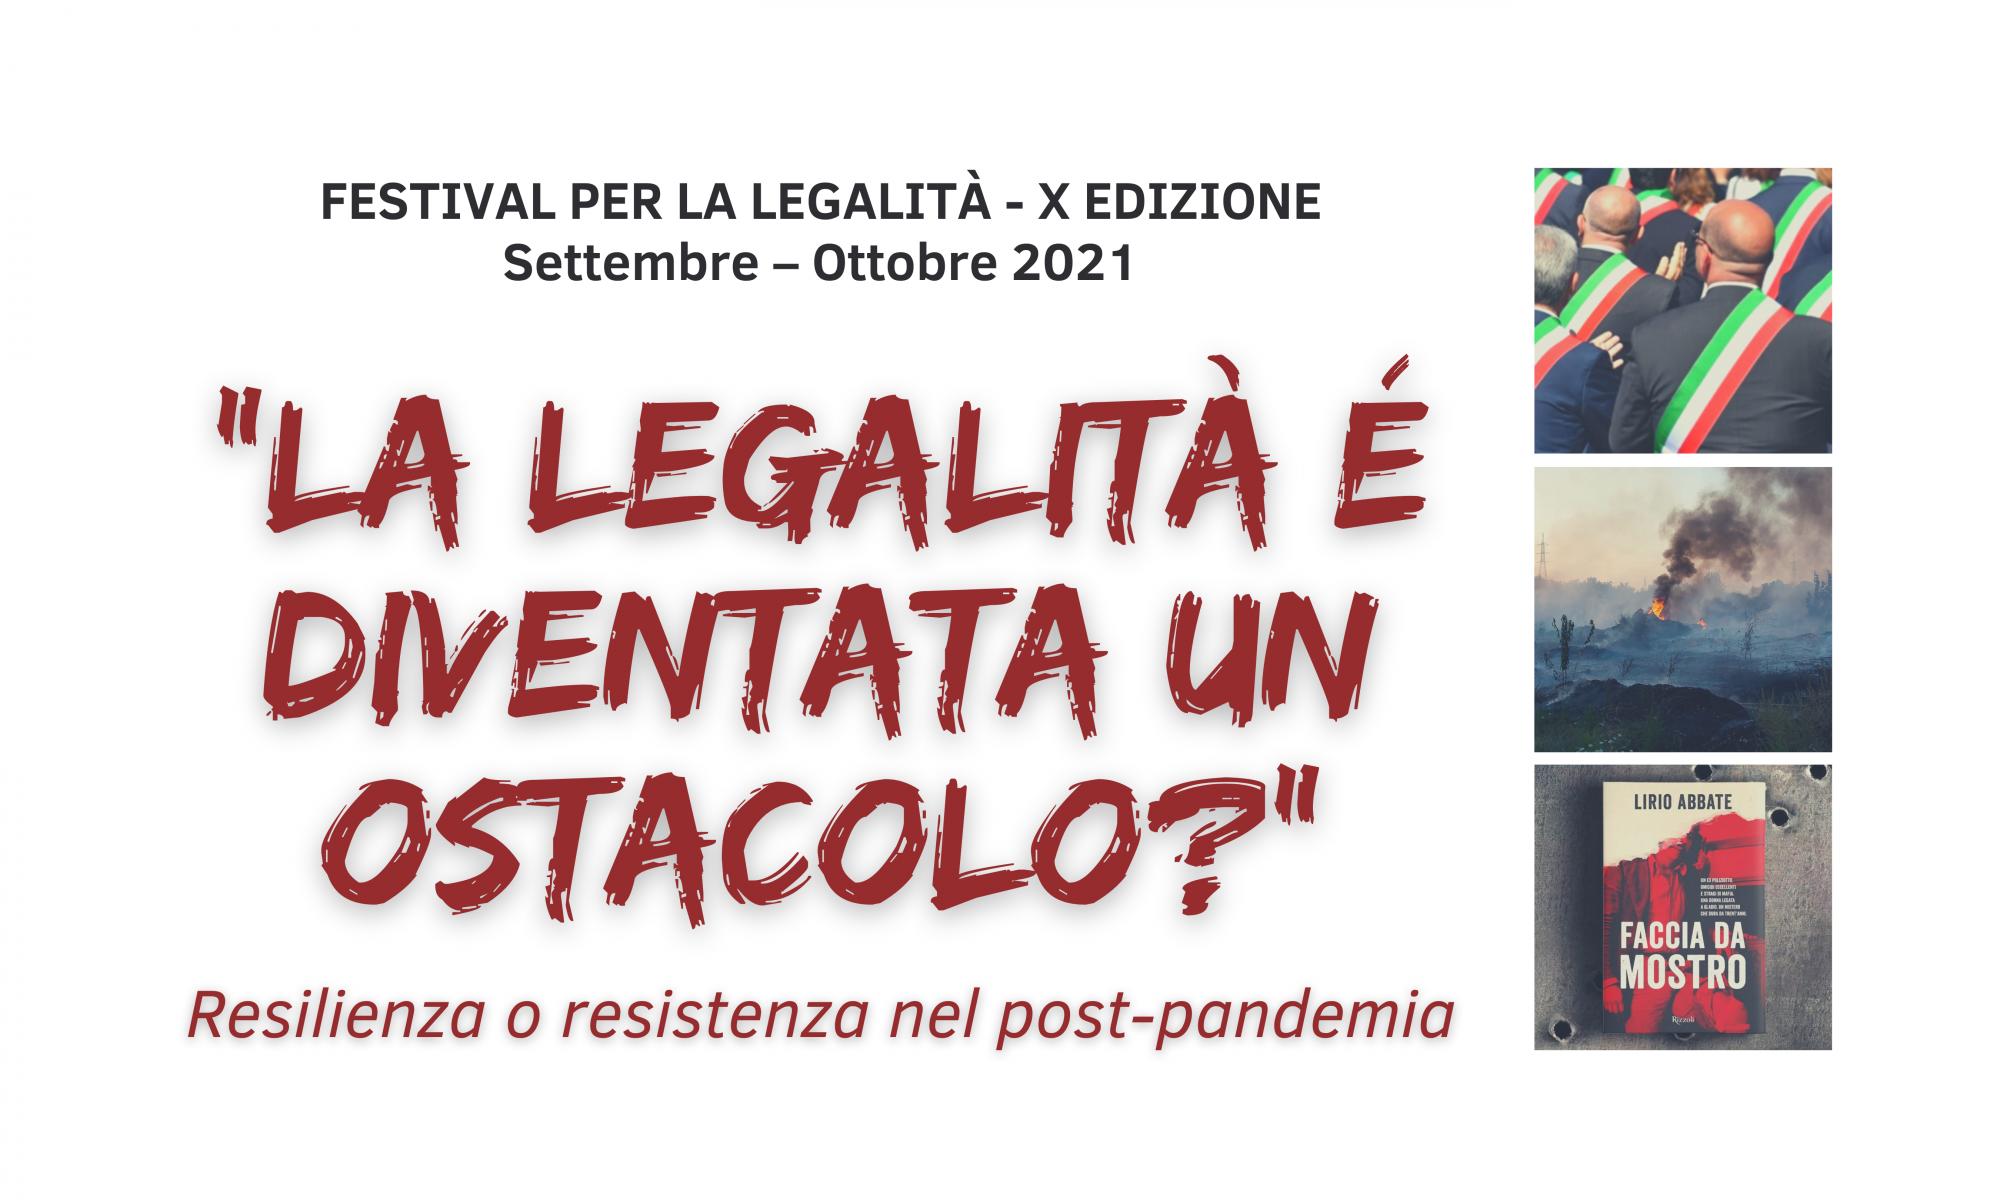 x edizione festival per la legalità